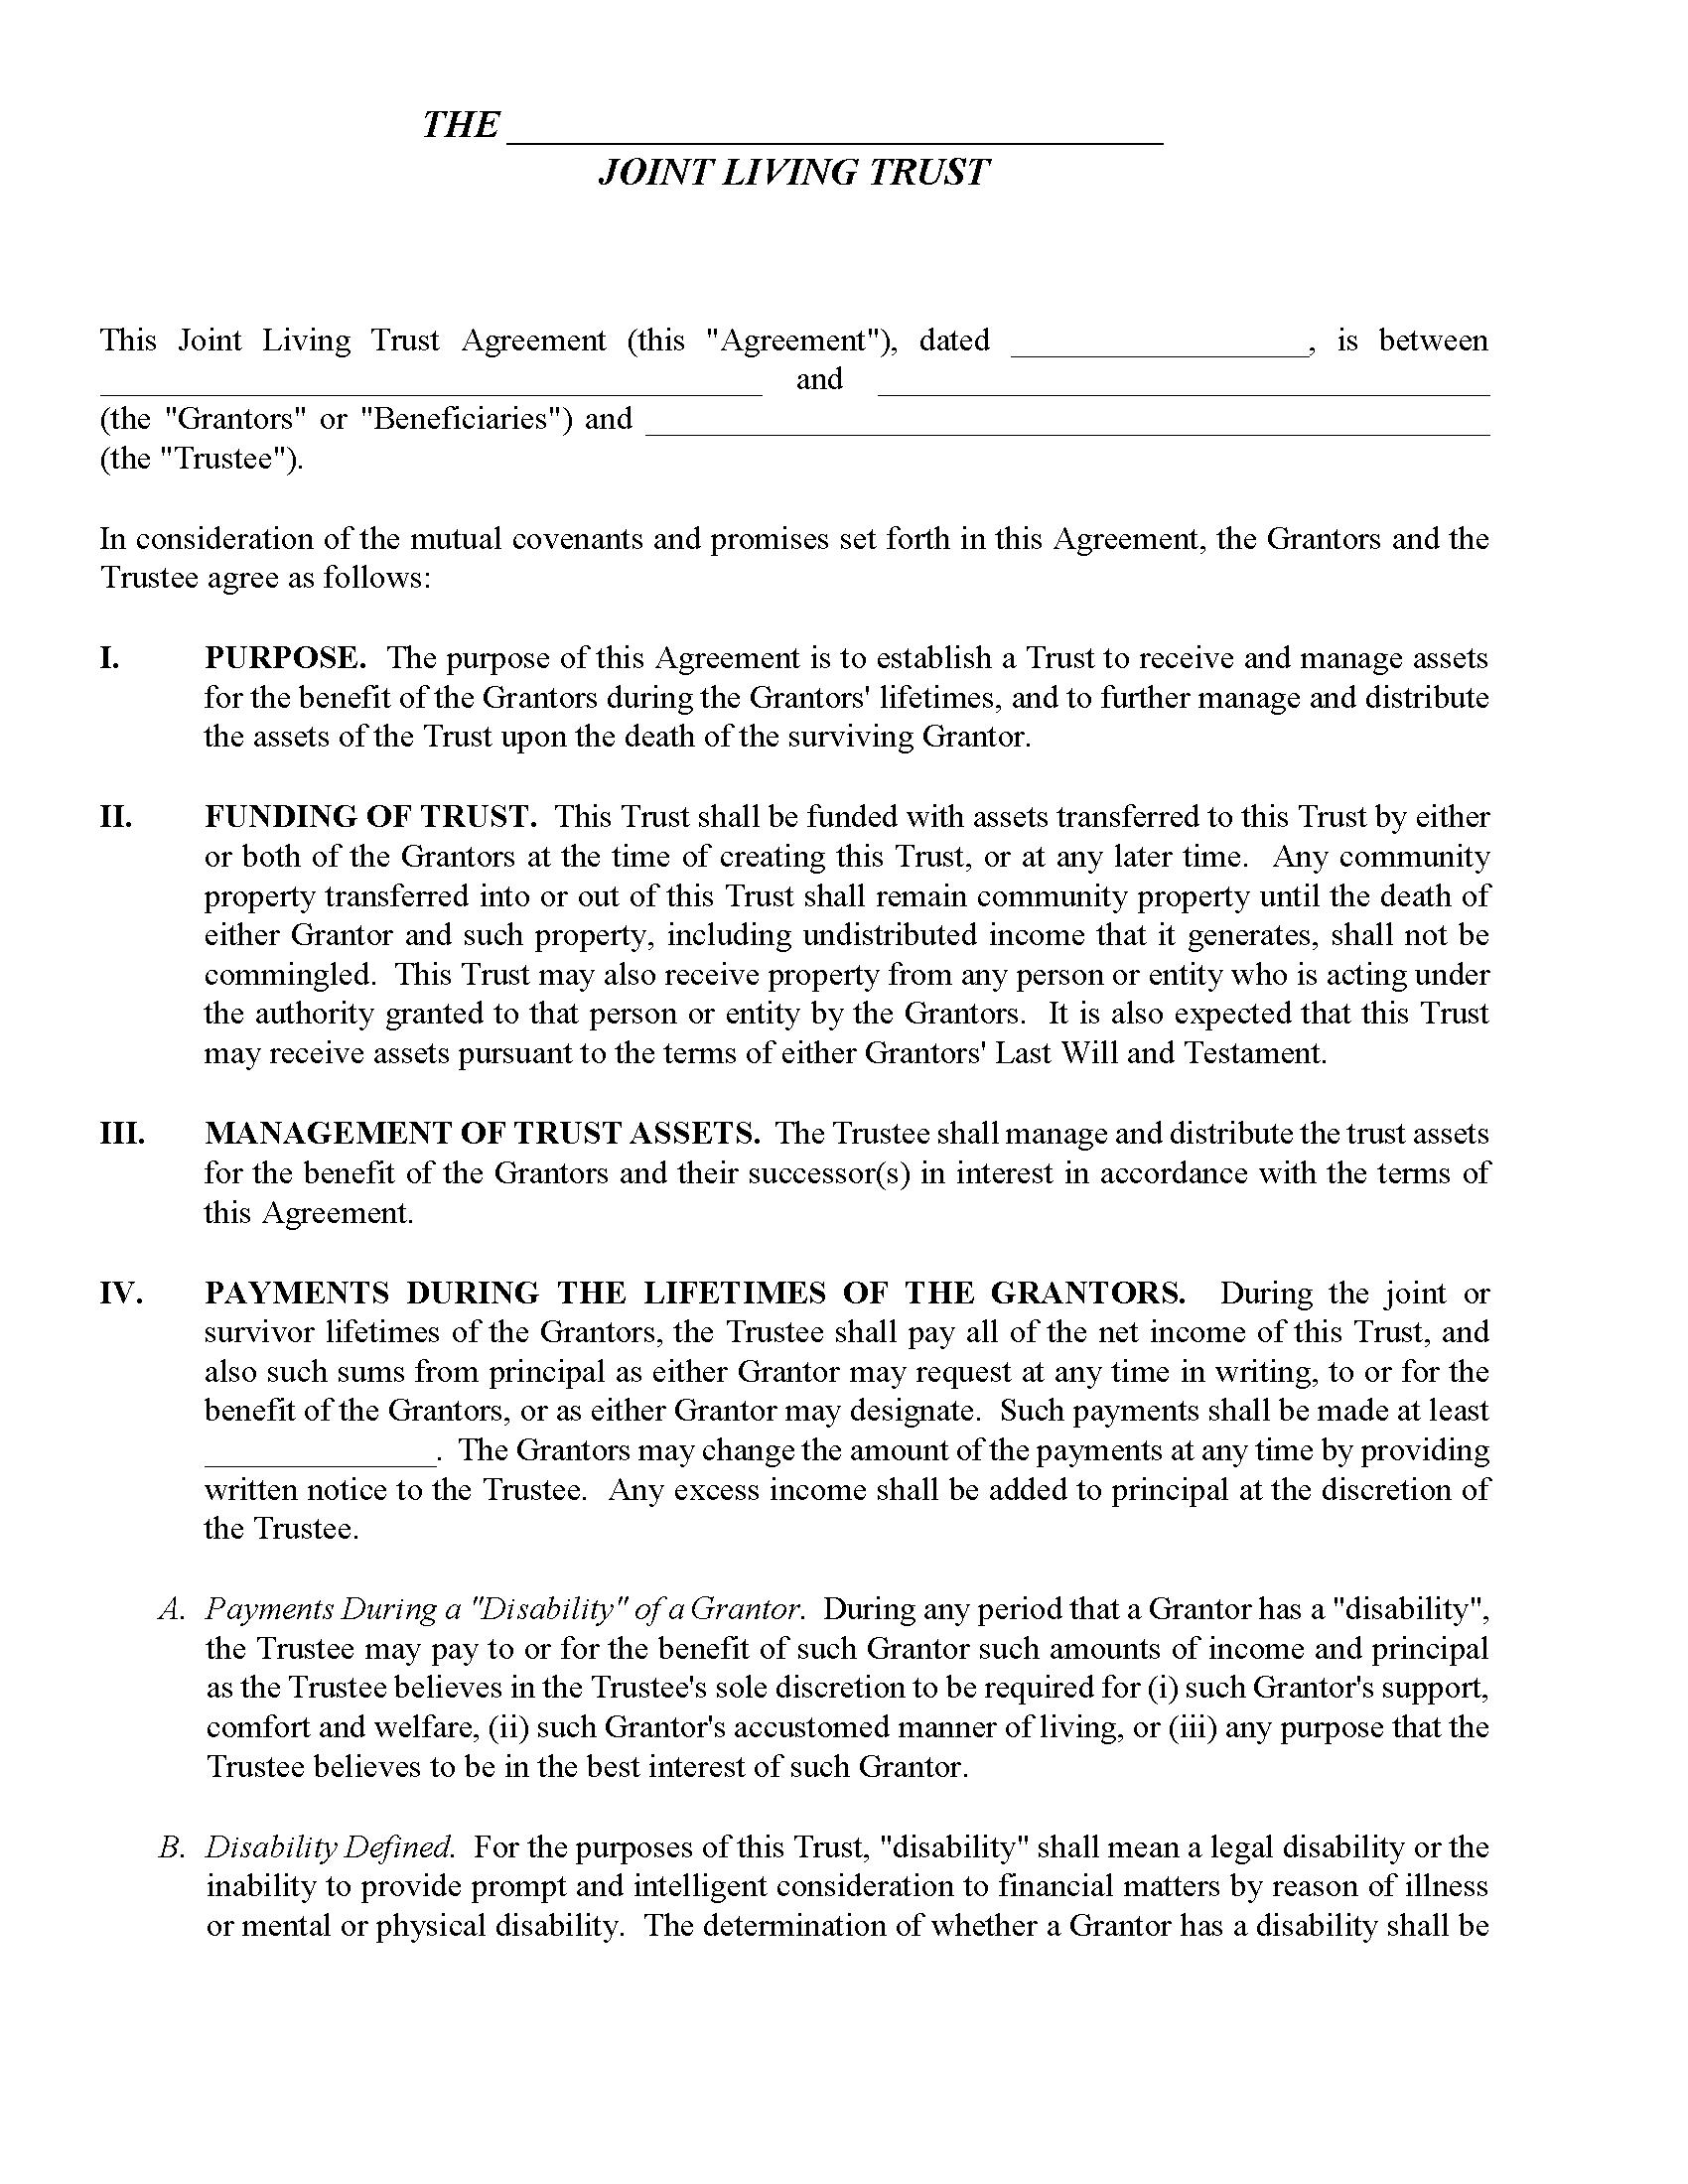 Massachusetts Joint Living Trust Form